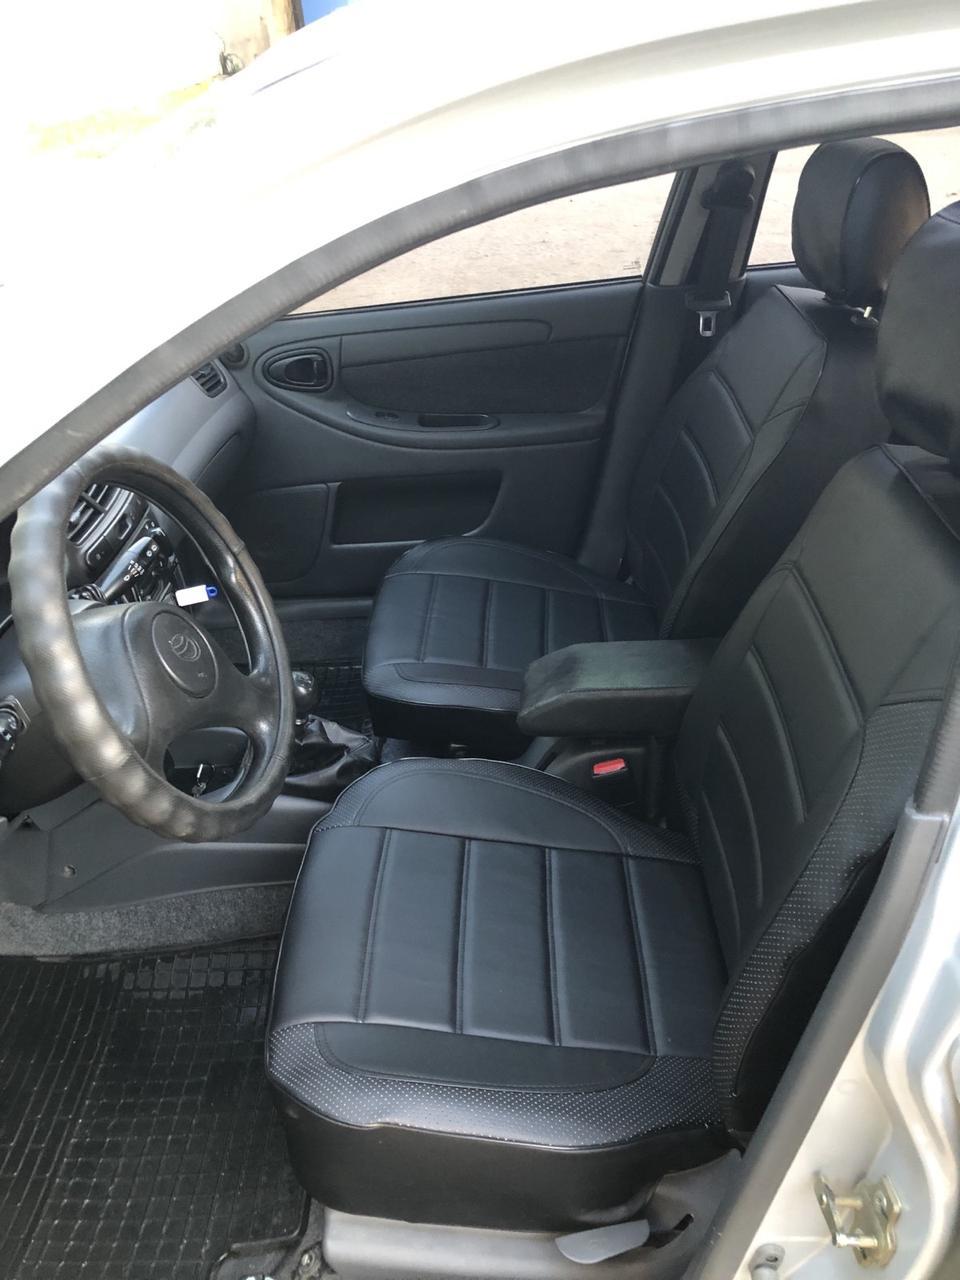 Чехлы на сиденья Хендай Элантра (Hyundai Elantra) 2006-2010 г модельные MAX-L из экокожи Черный